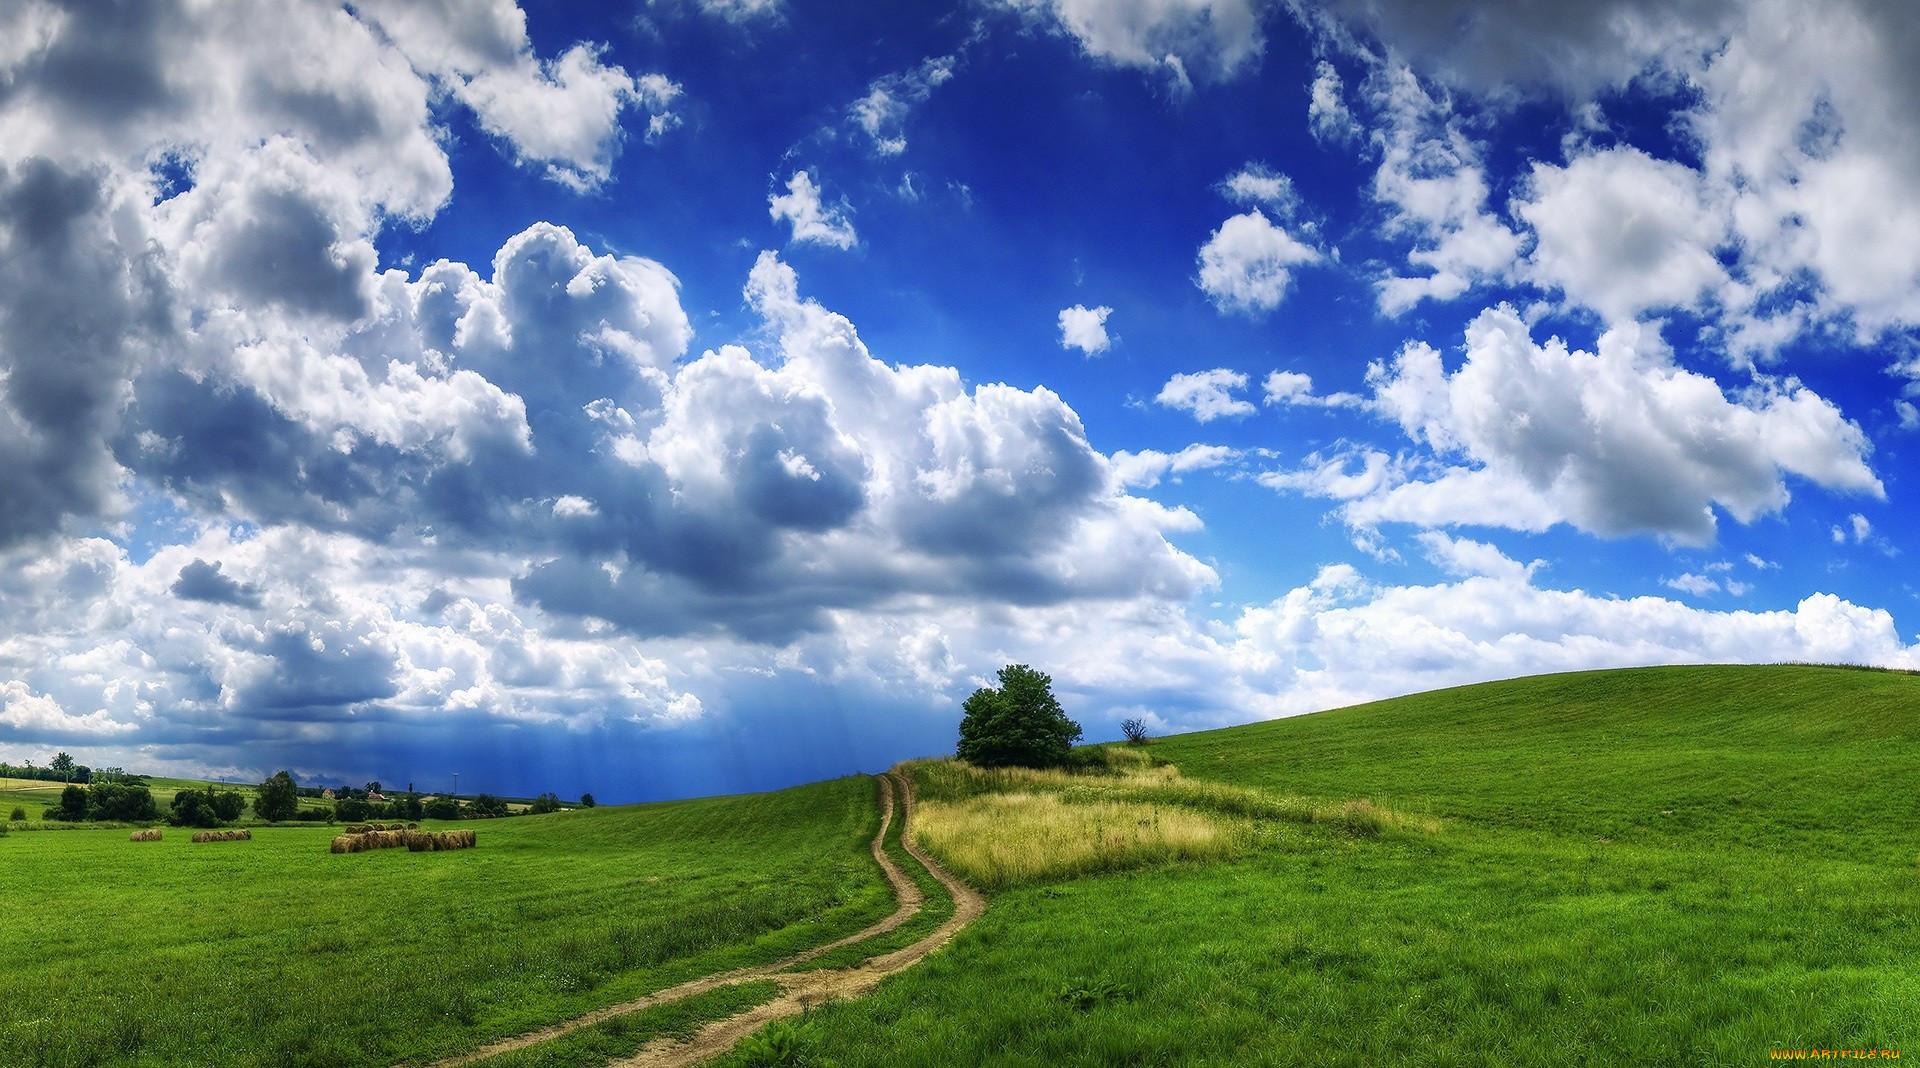 предприятия картинки голубое небо природа жизни каждого